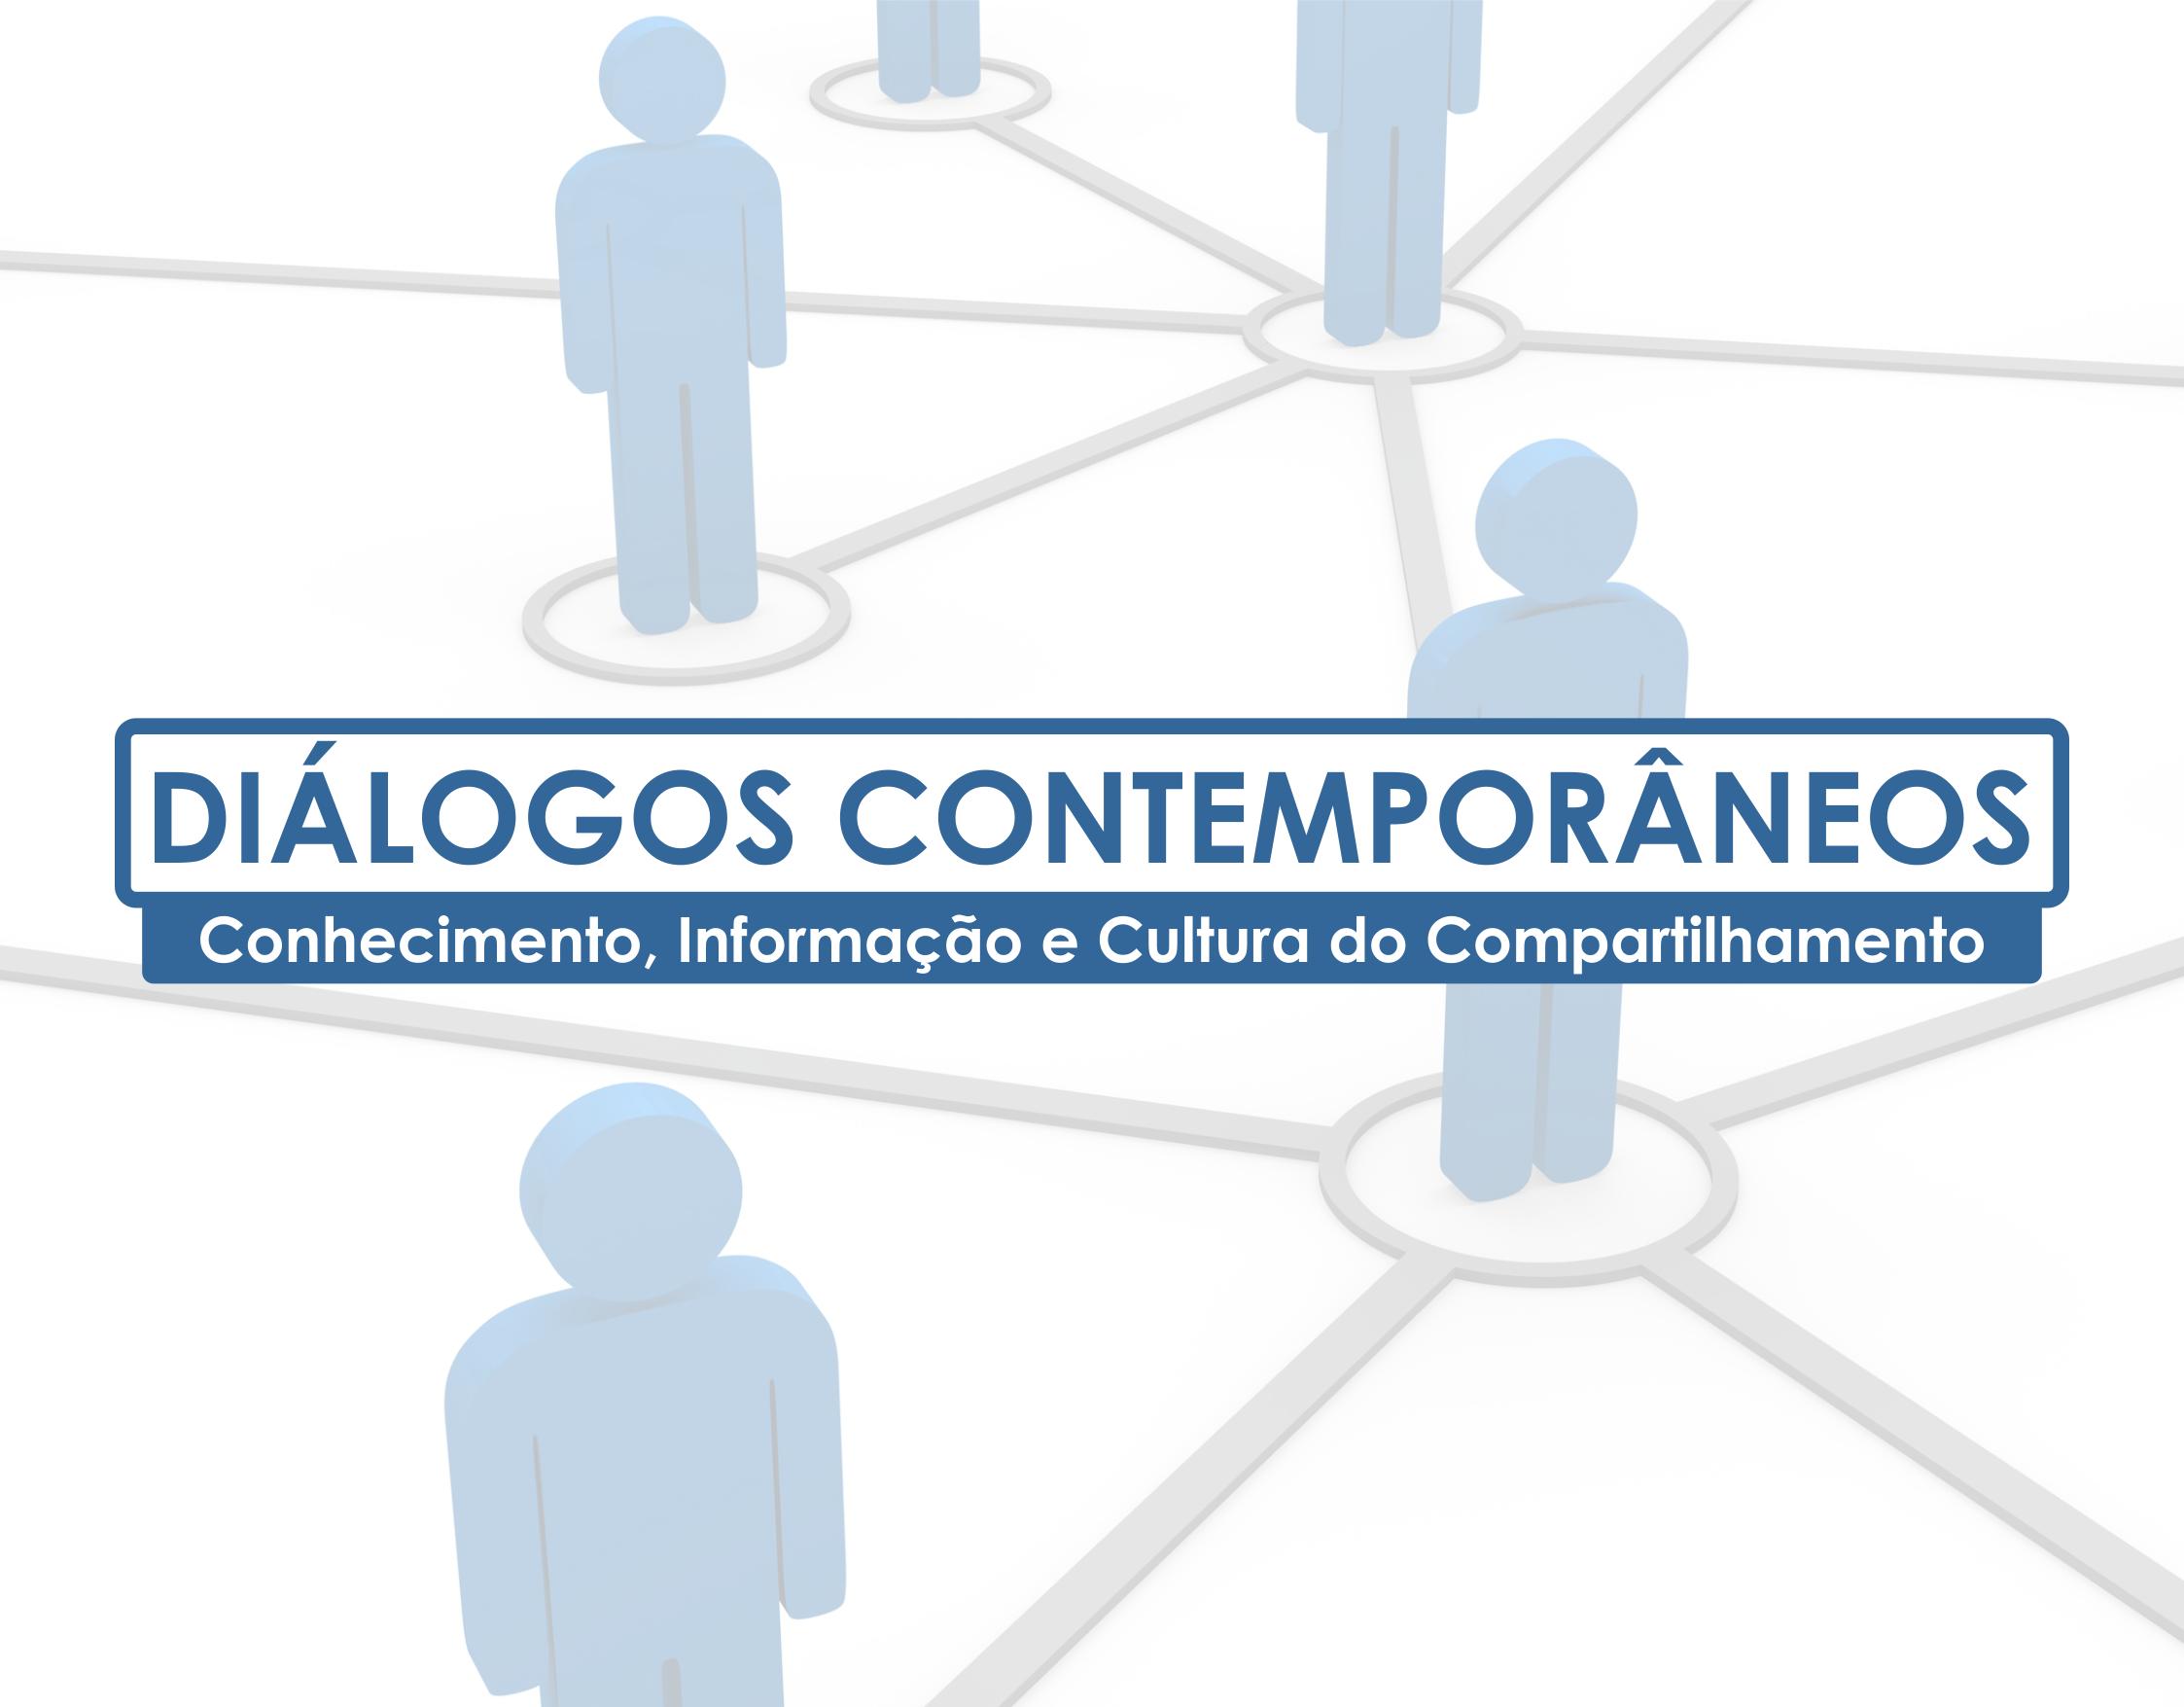 Diálogos Contemporâneos – Conhecimento, Informação e Cultura do Compartilhamento